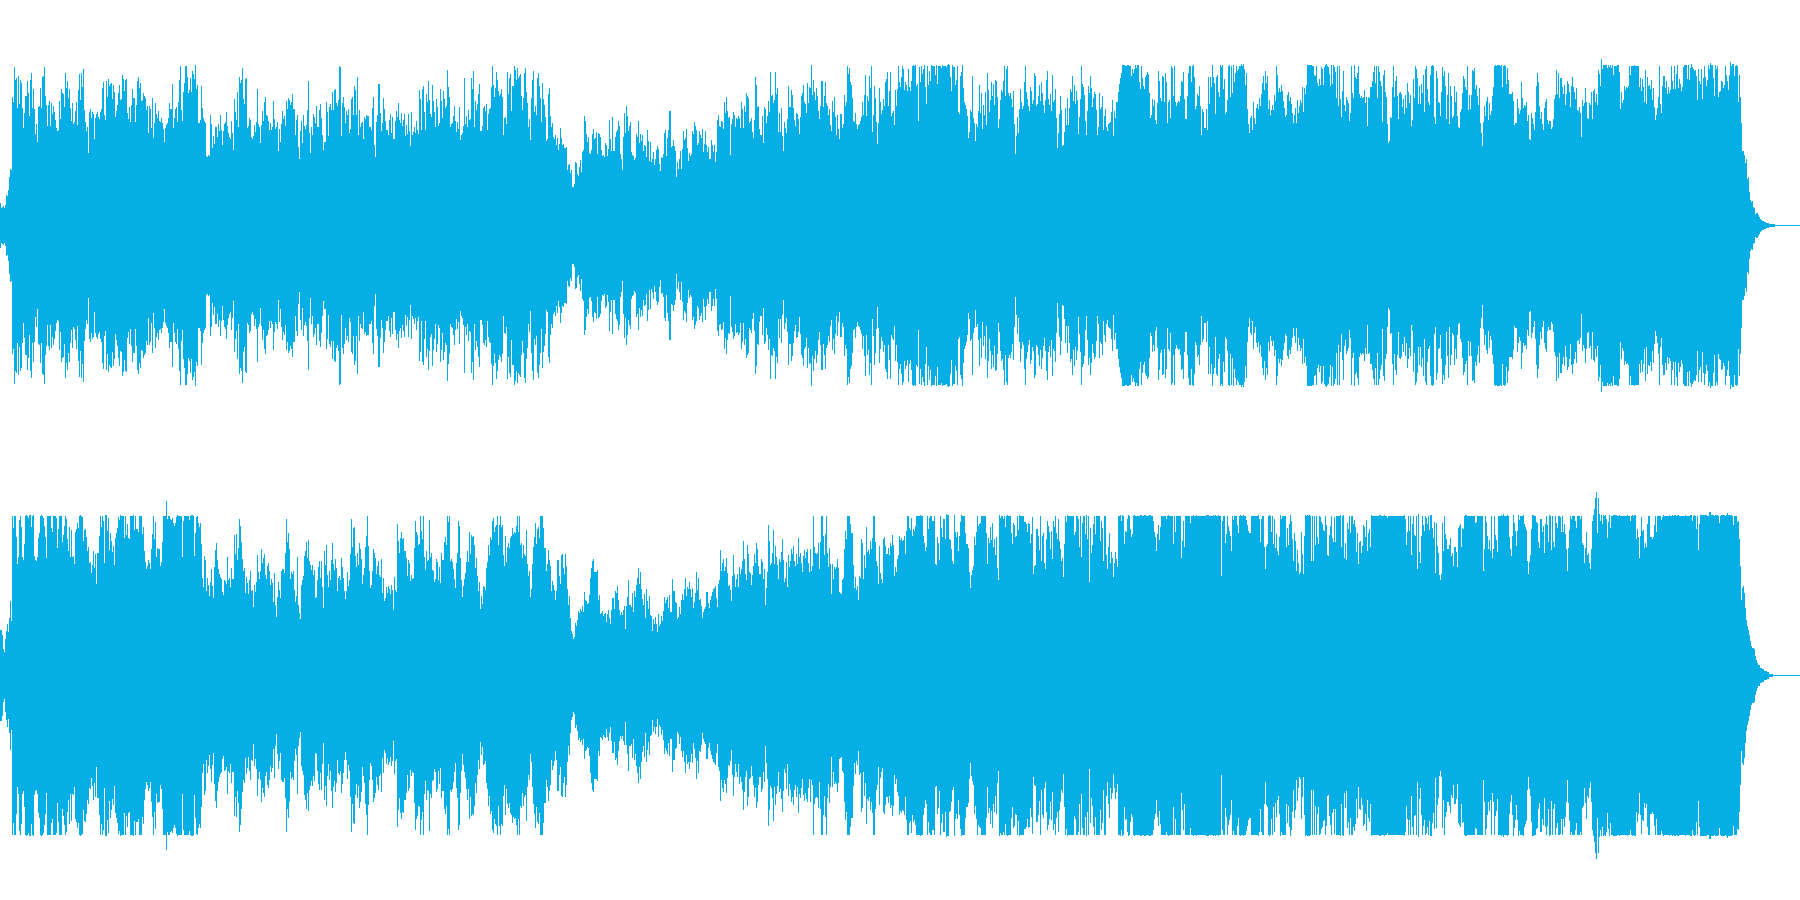 壮大なエンディングのオーケストラの再生済みの波形